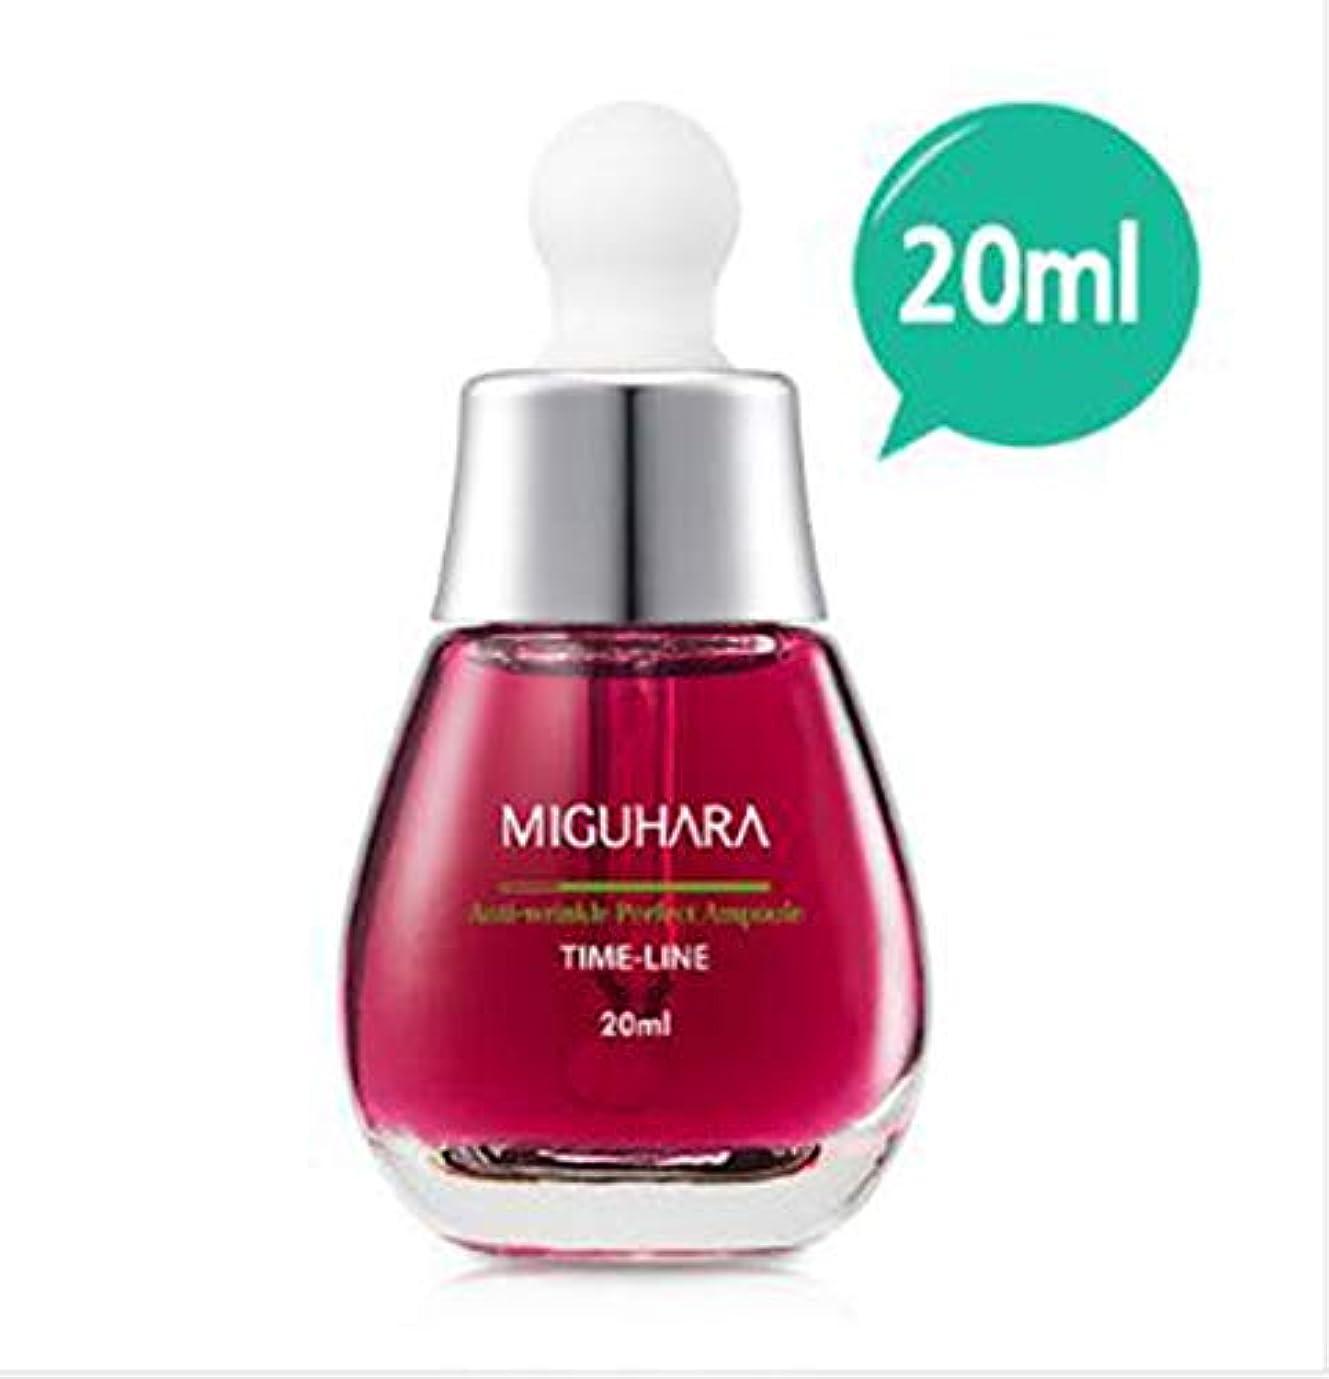 統合改善するピアースMIGUHARA Anti-wrinkle Perfect Ampoule 20ml/アンチ-リンクルパーフェクトアンプル 20ml